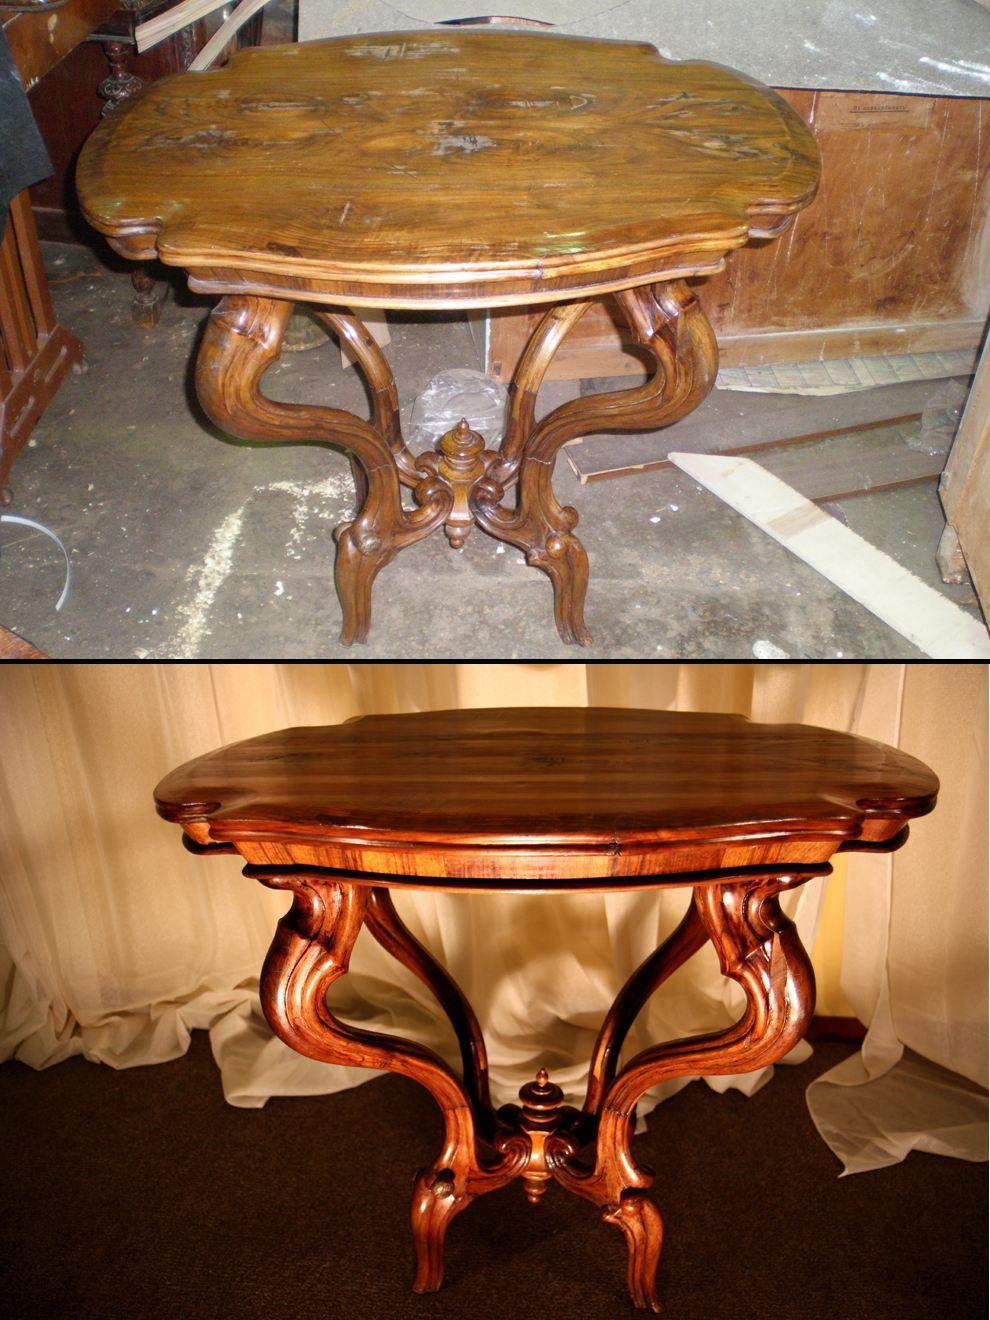 Реставрация столешницы из дерева своими руками